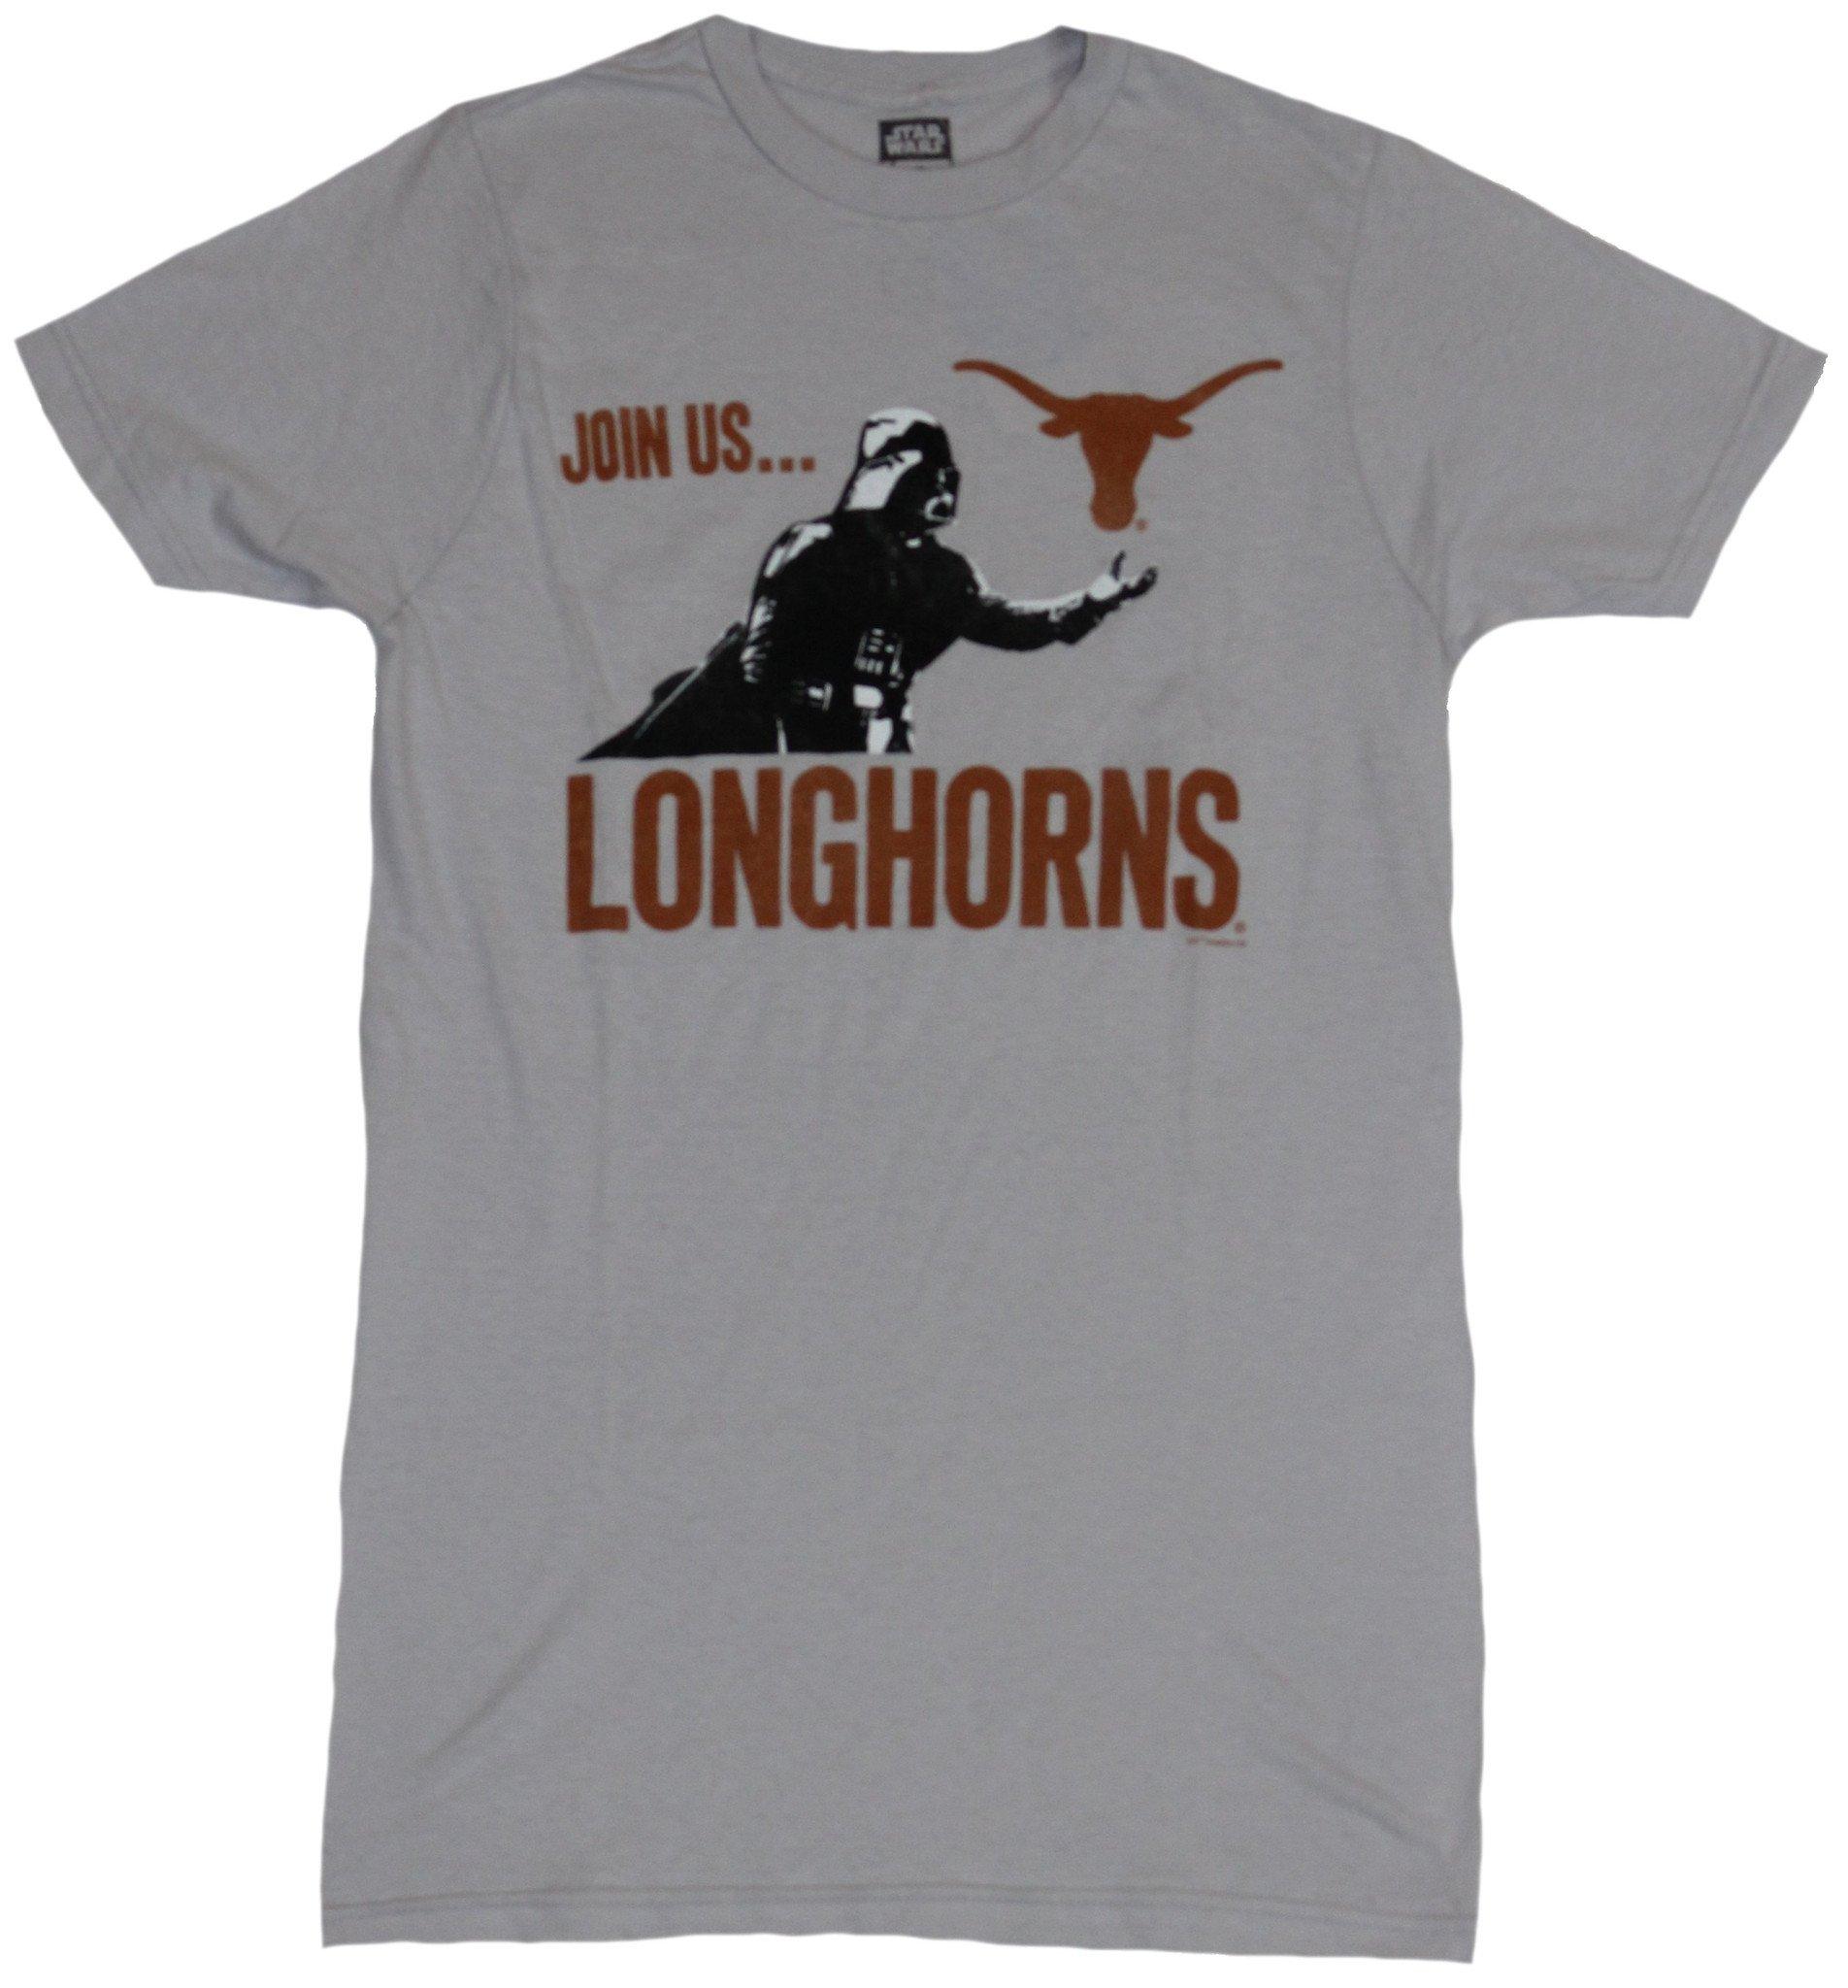 Star Wars Mens T-Shirt - Join Us Longhorns Darth Vader Image